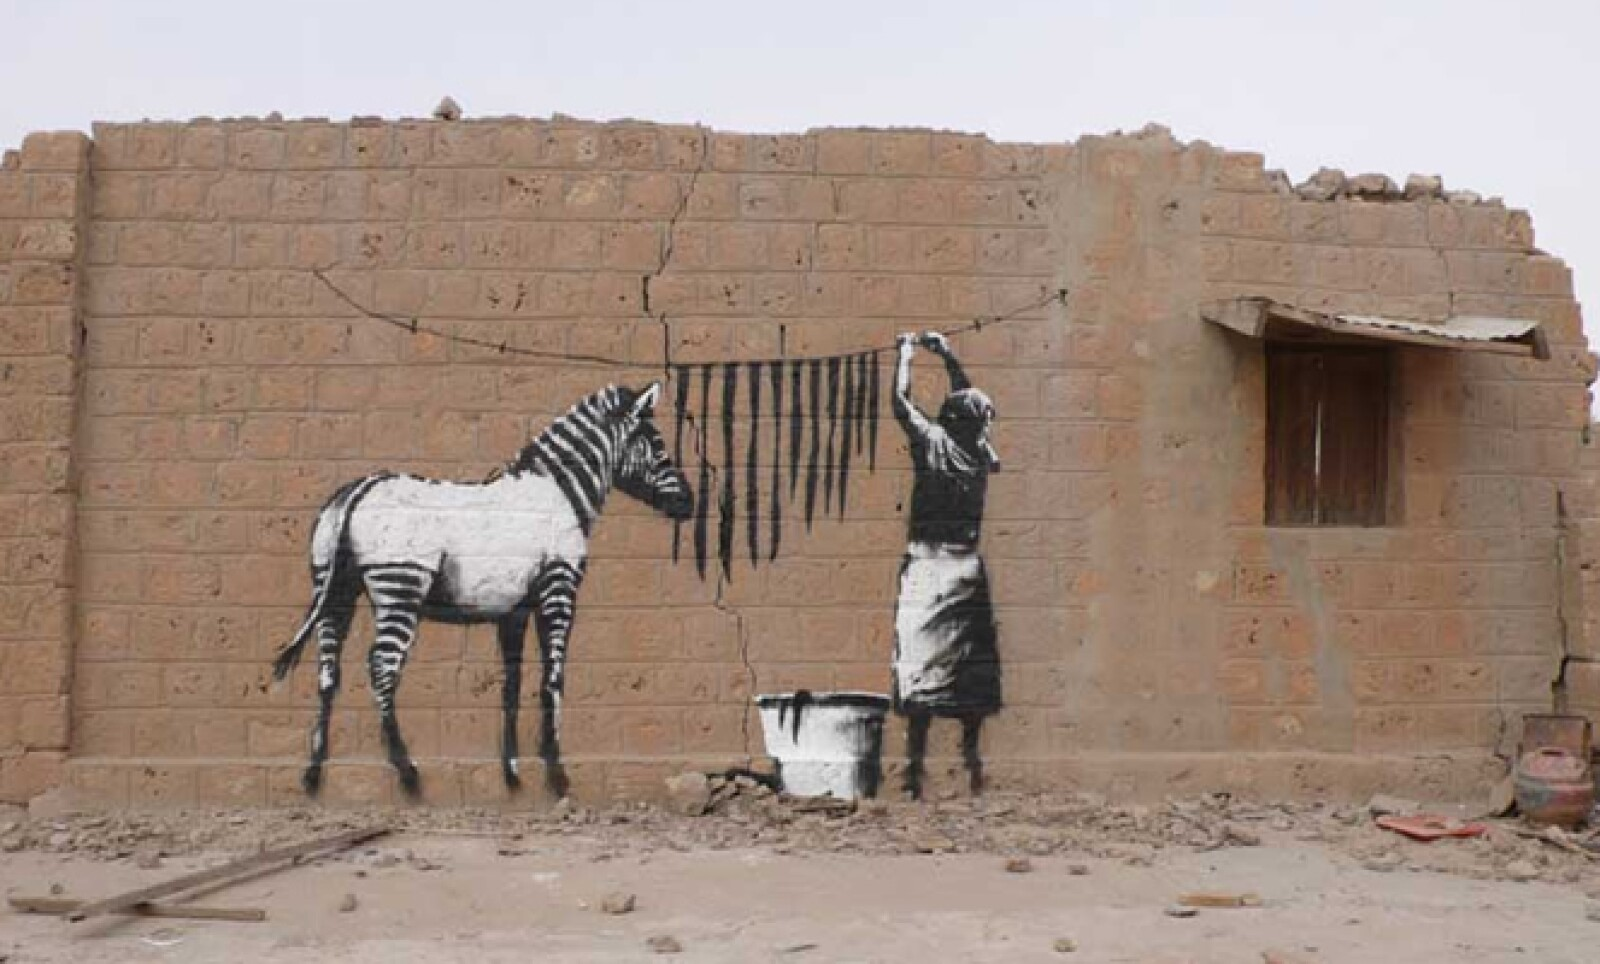 El artista que permanece en el anonimato plasmó su trabajo en África. En Timbuktú pintó esta imagen.